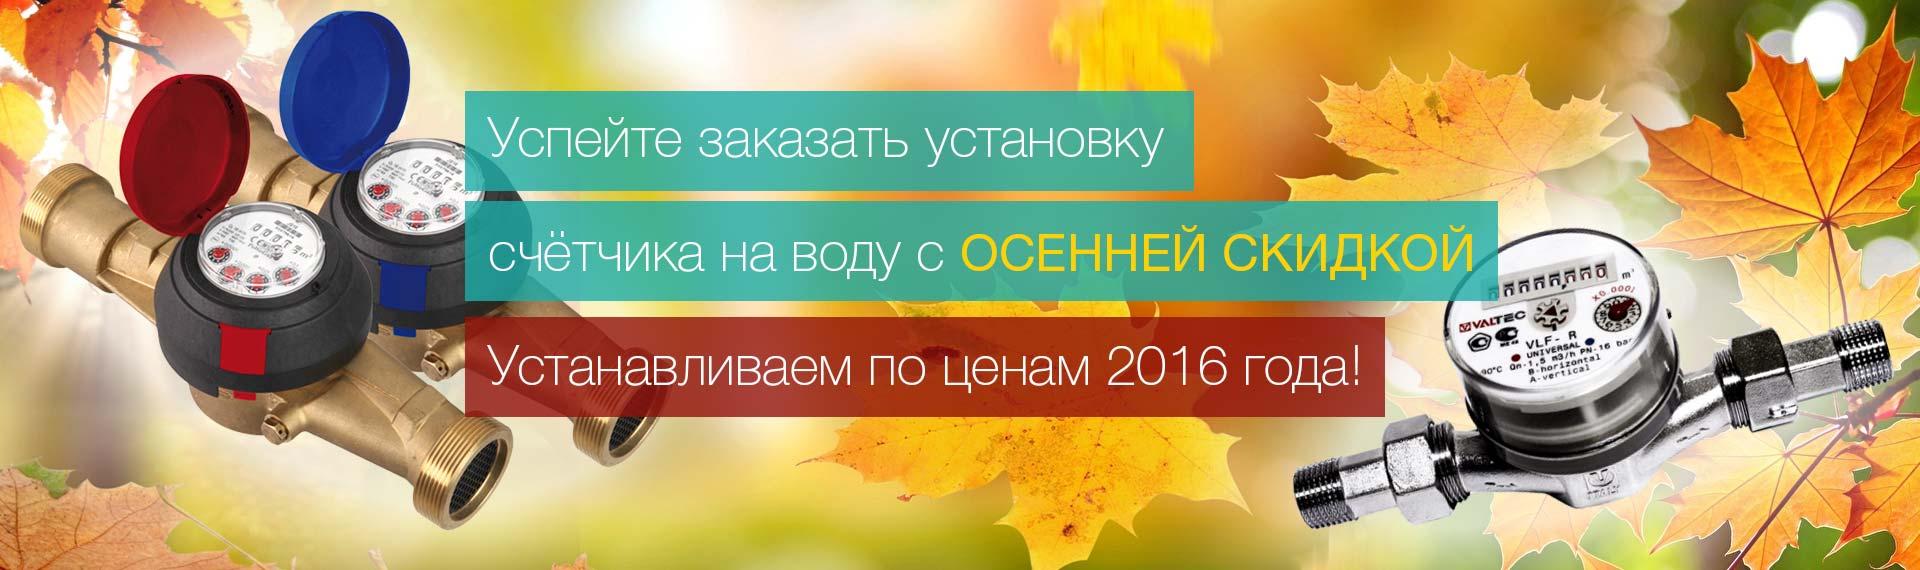 Устанавливаем счётчики на воду в Смоленске со скидкой по цене 2016 года